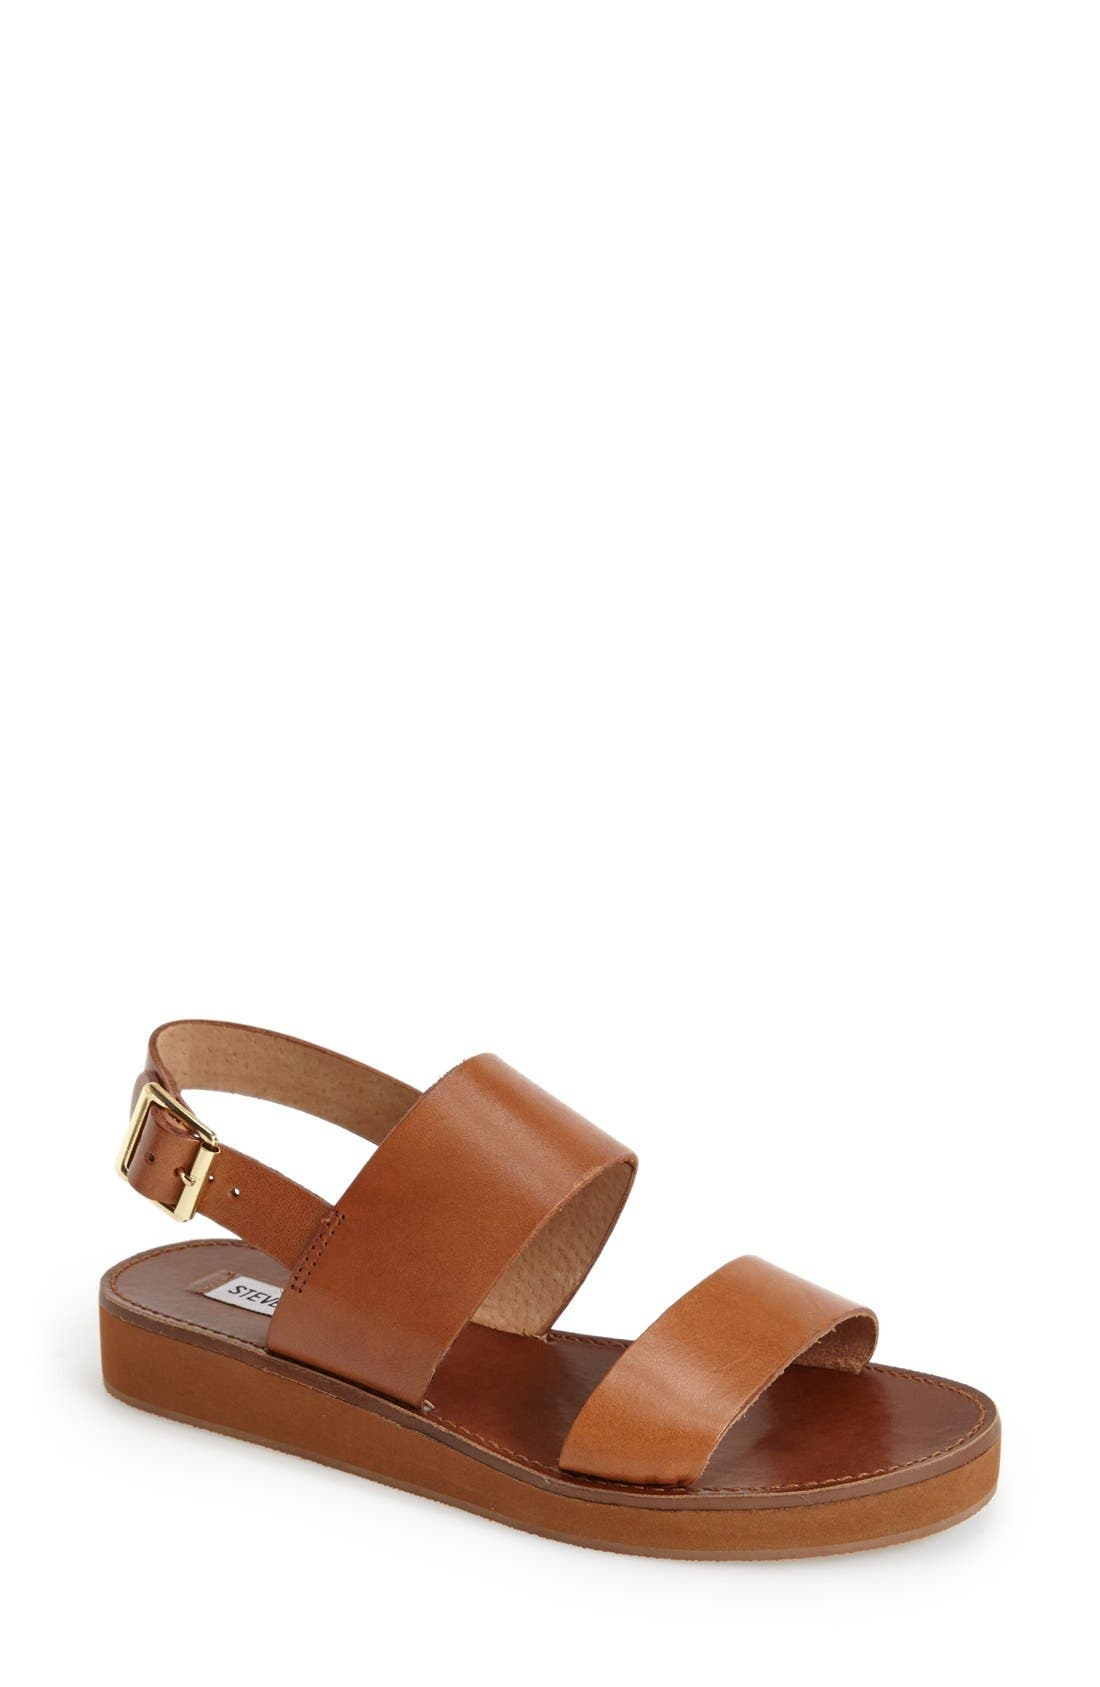 Alternate Image 1 Selected - Steve Madden 'Orka' Ankle Strap Sandal (Women)